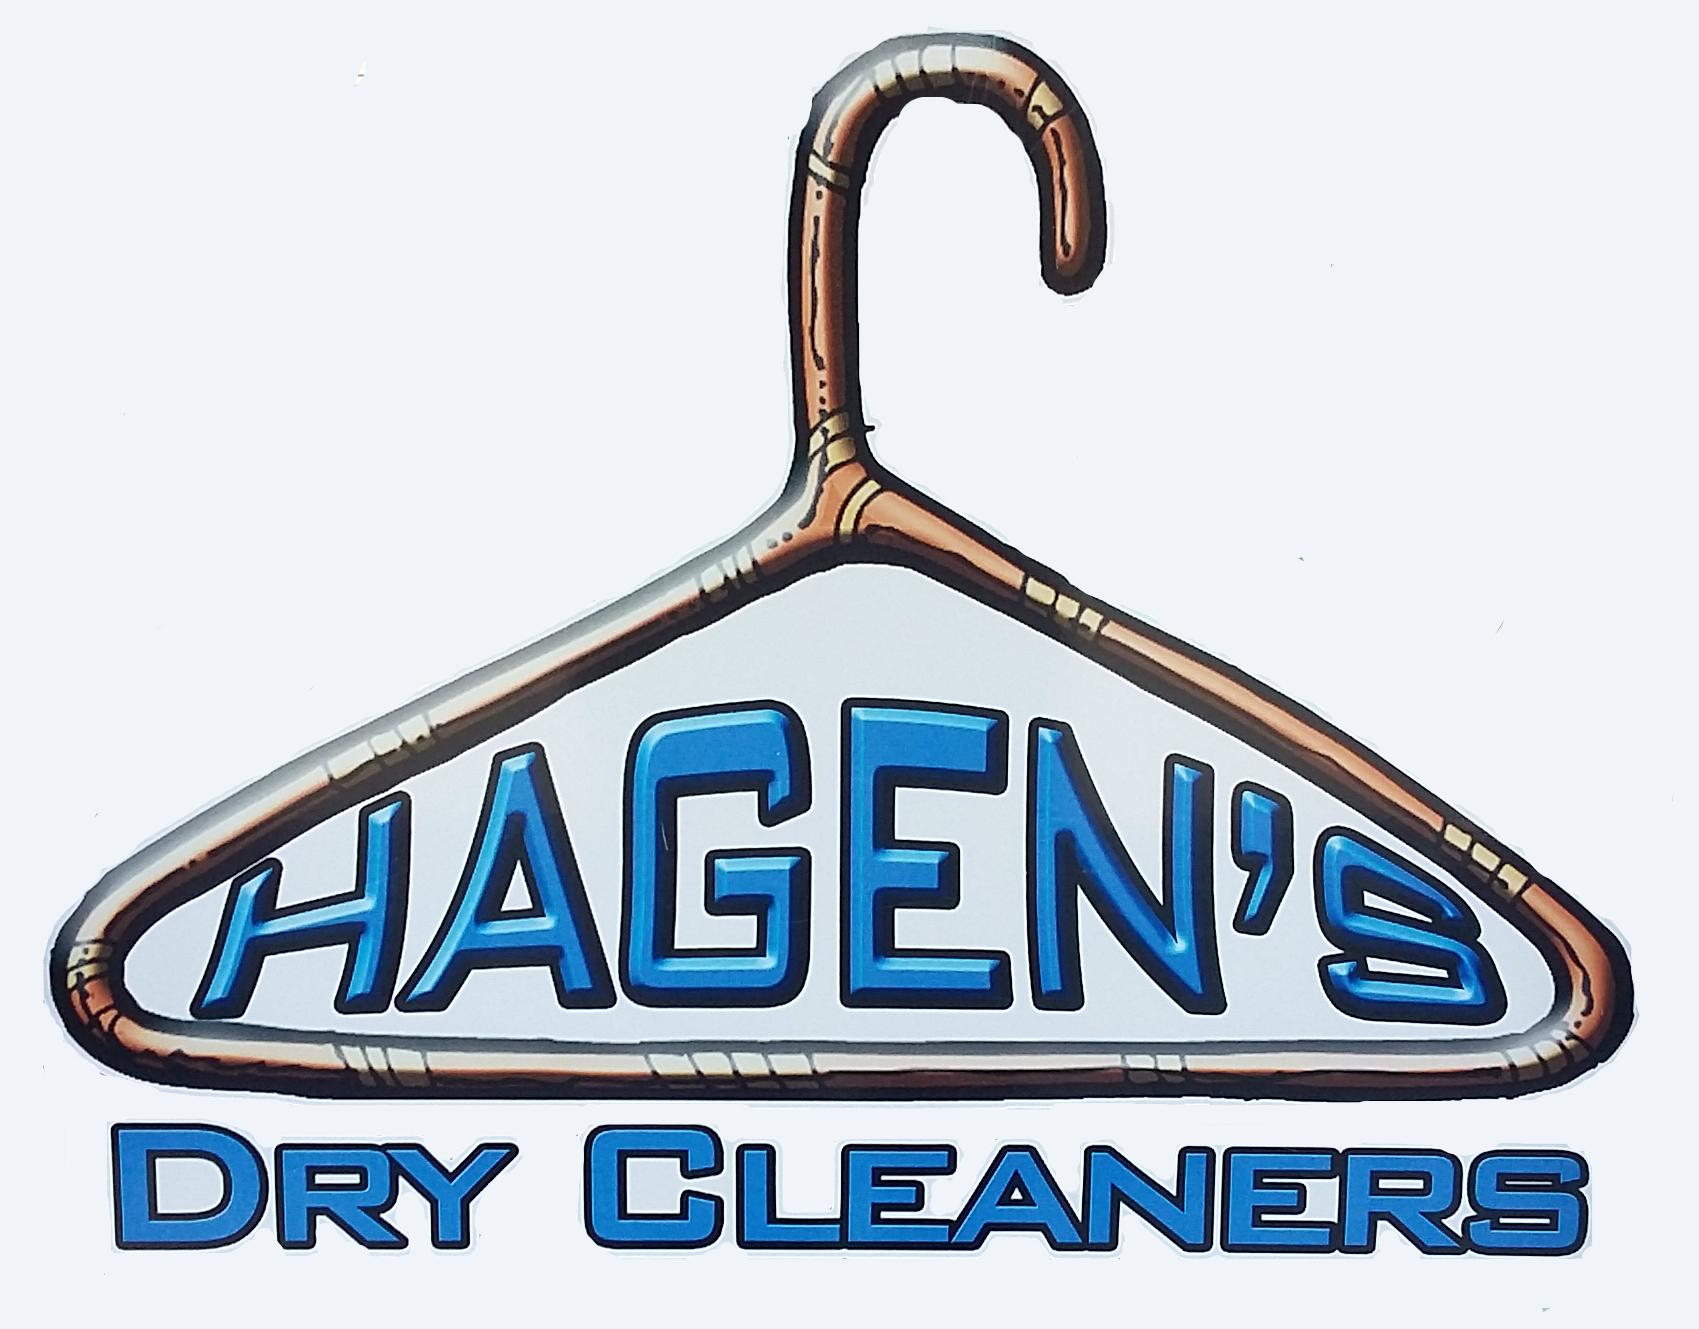 Hagen's Dry Cleaners